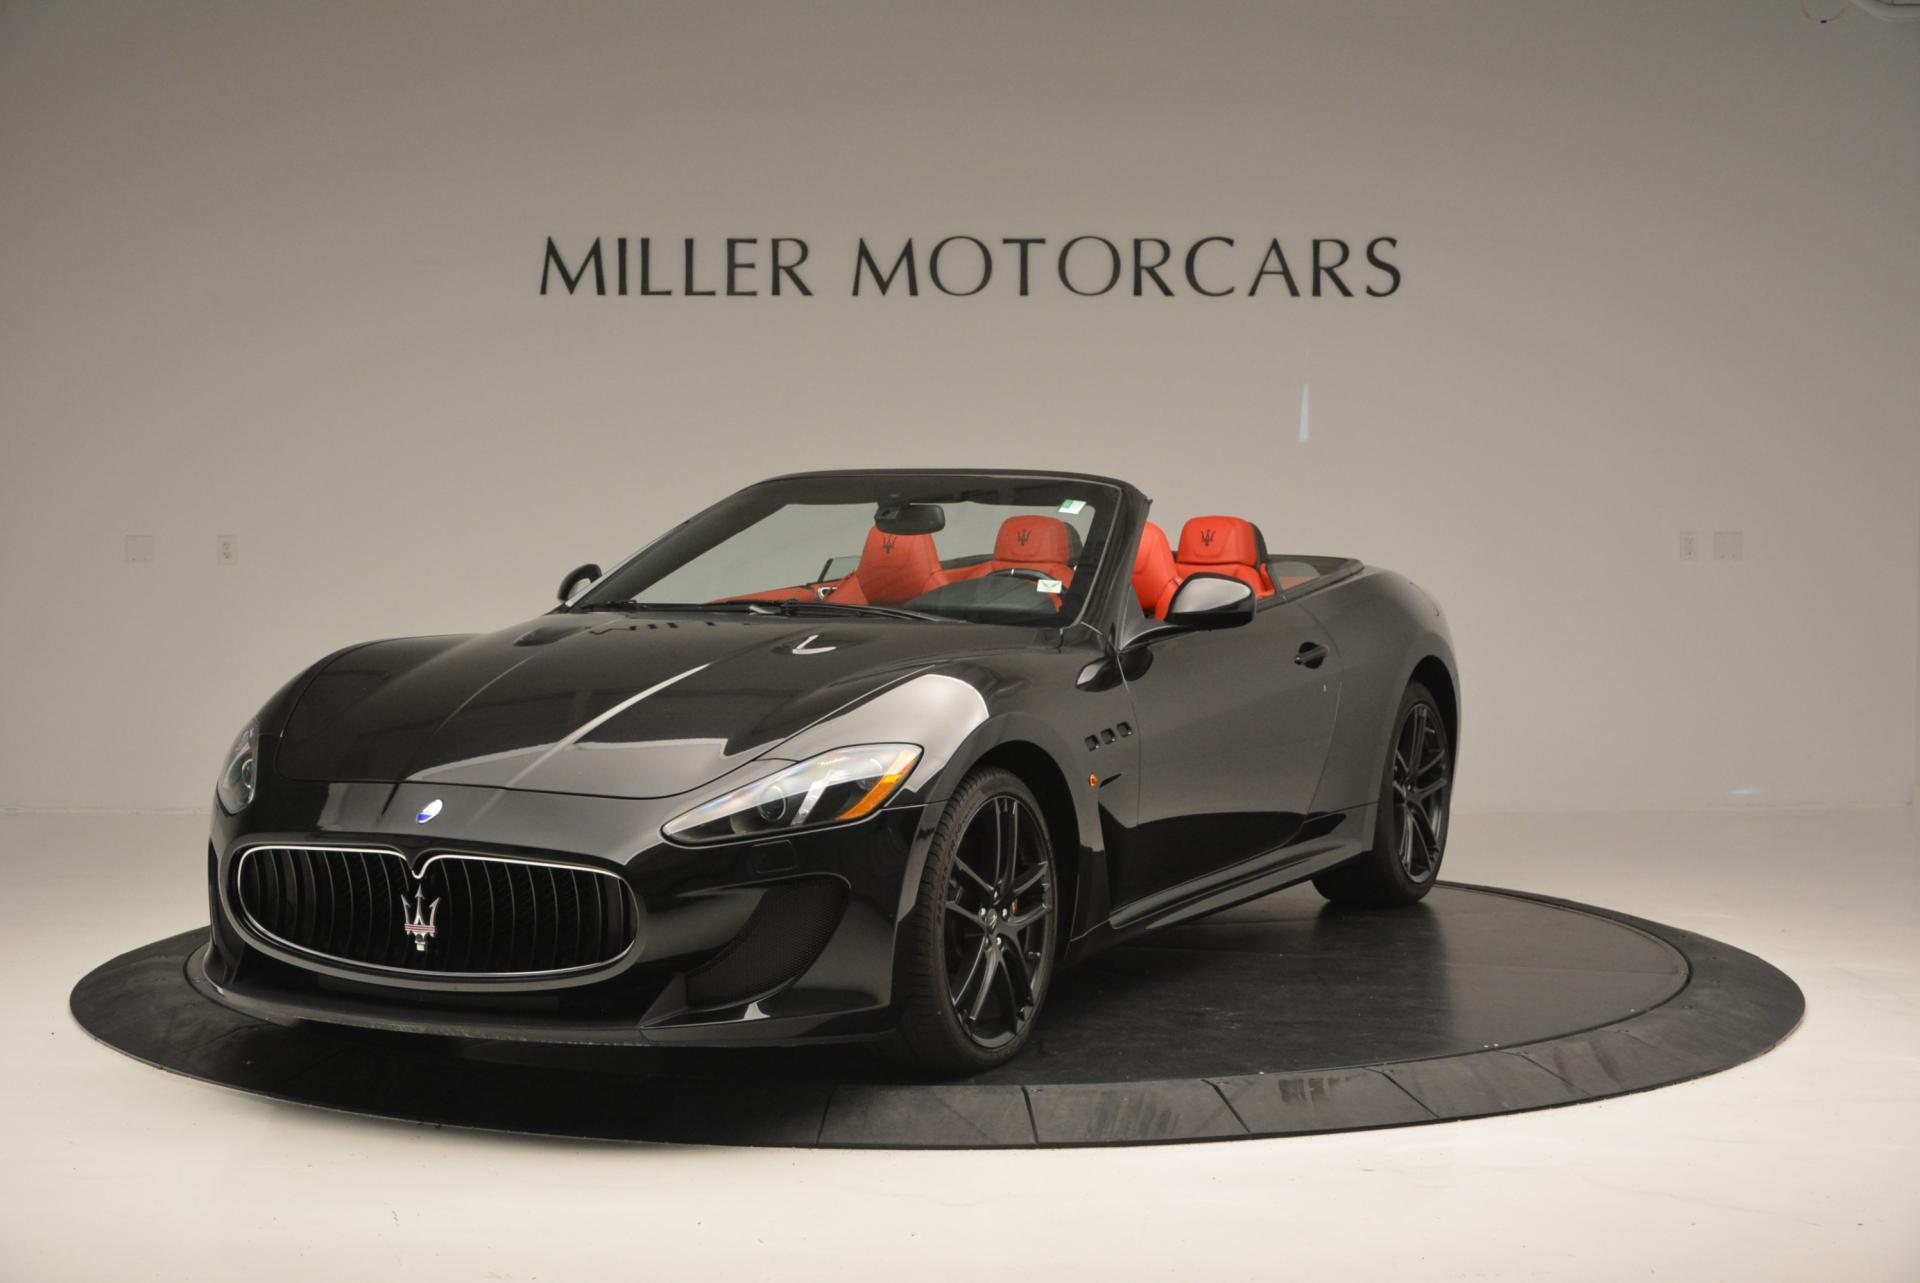 Used 2013 Maserati GranTurismo MC For Sale In Greenwich, CT. Alfa Romeo of Greenwich, 7081 521_main